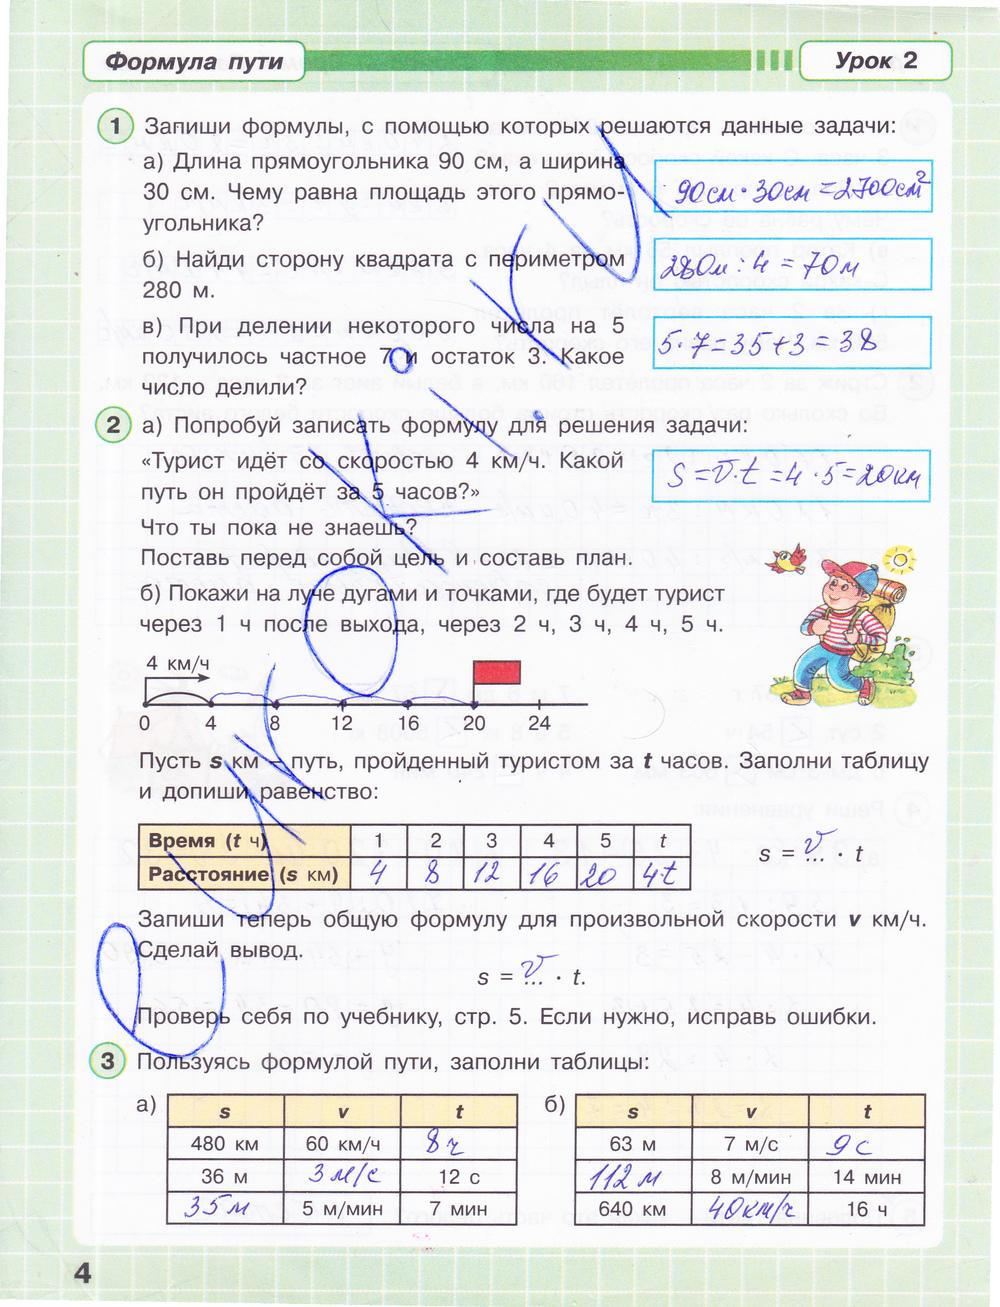 Решебник К Учебнику По Математике Петерсон 3 Класс 3 Часть Ответы